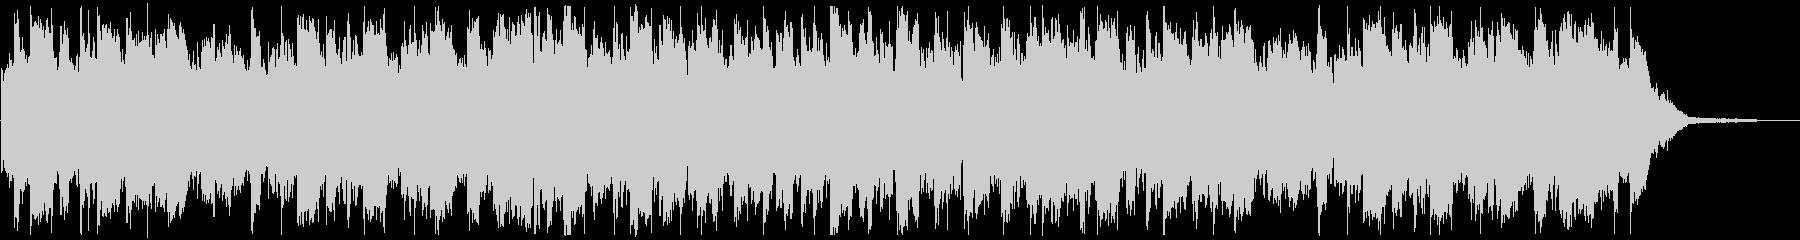 オープニング・おしゃれな洋楽ディスコの未再生の波形